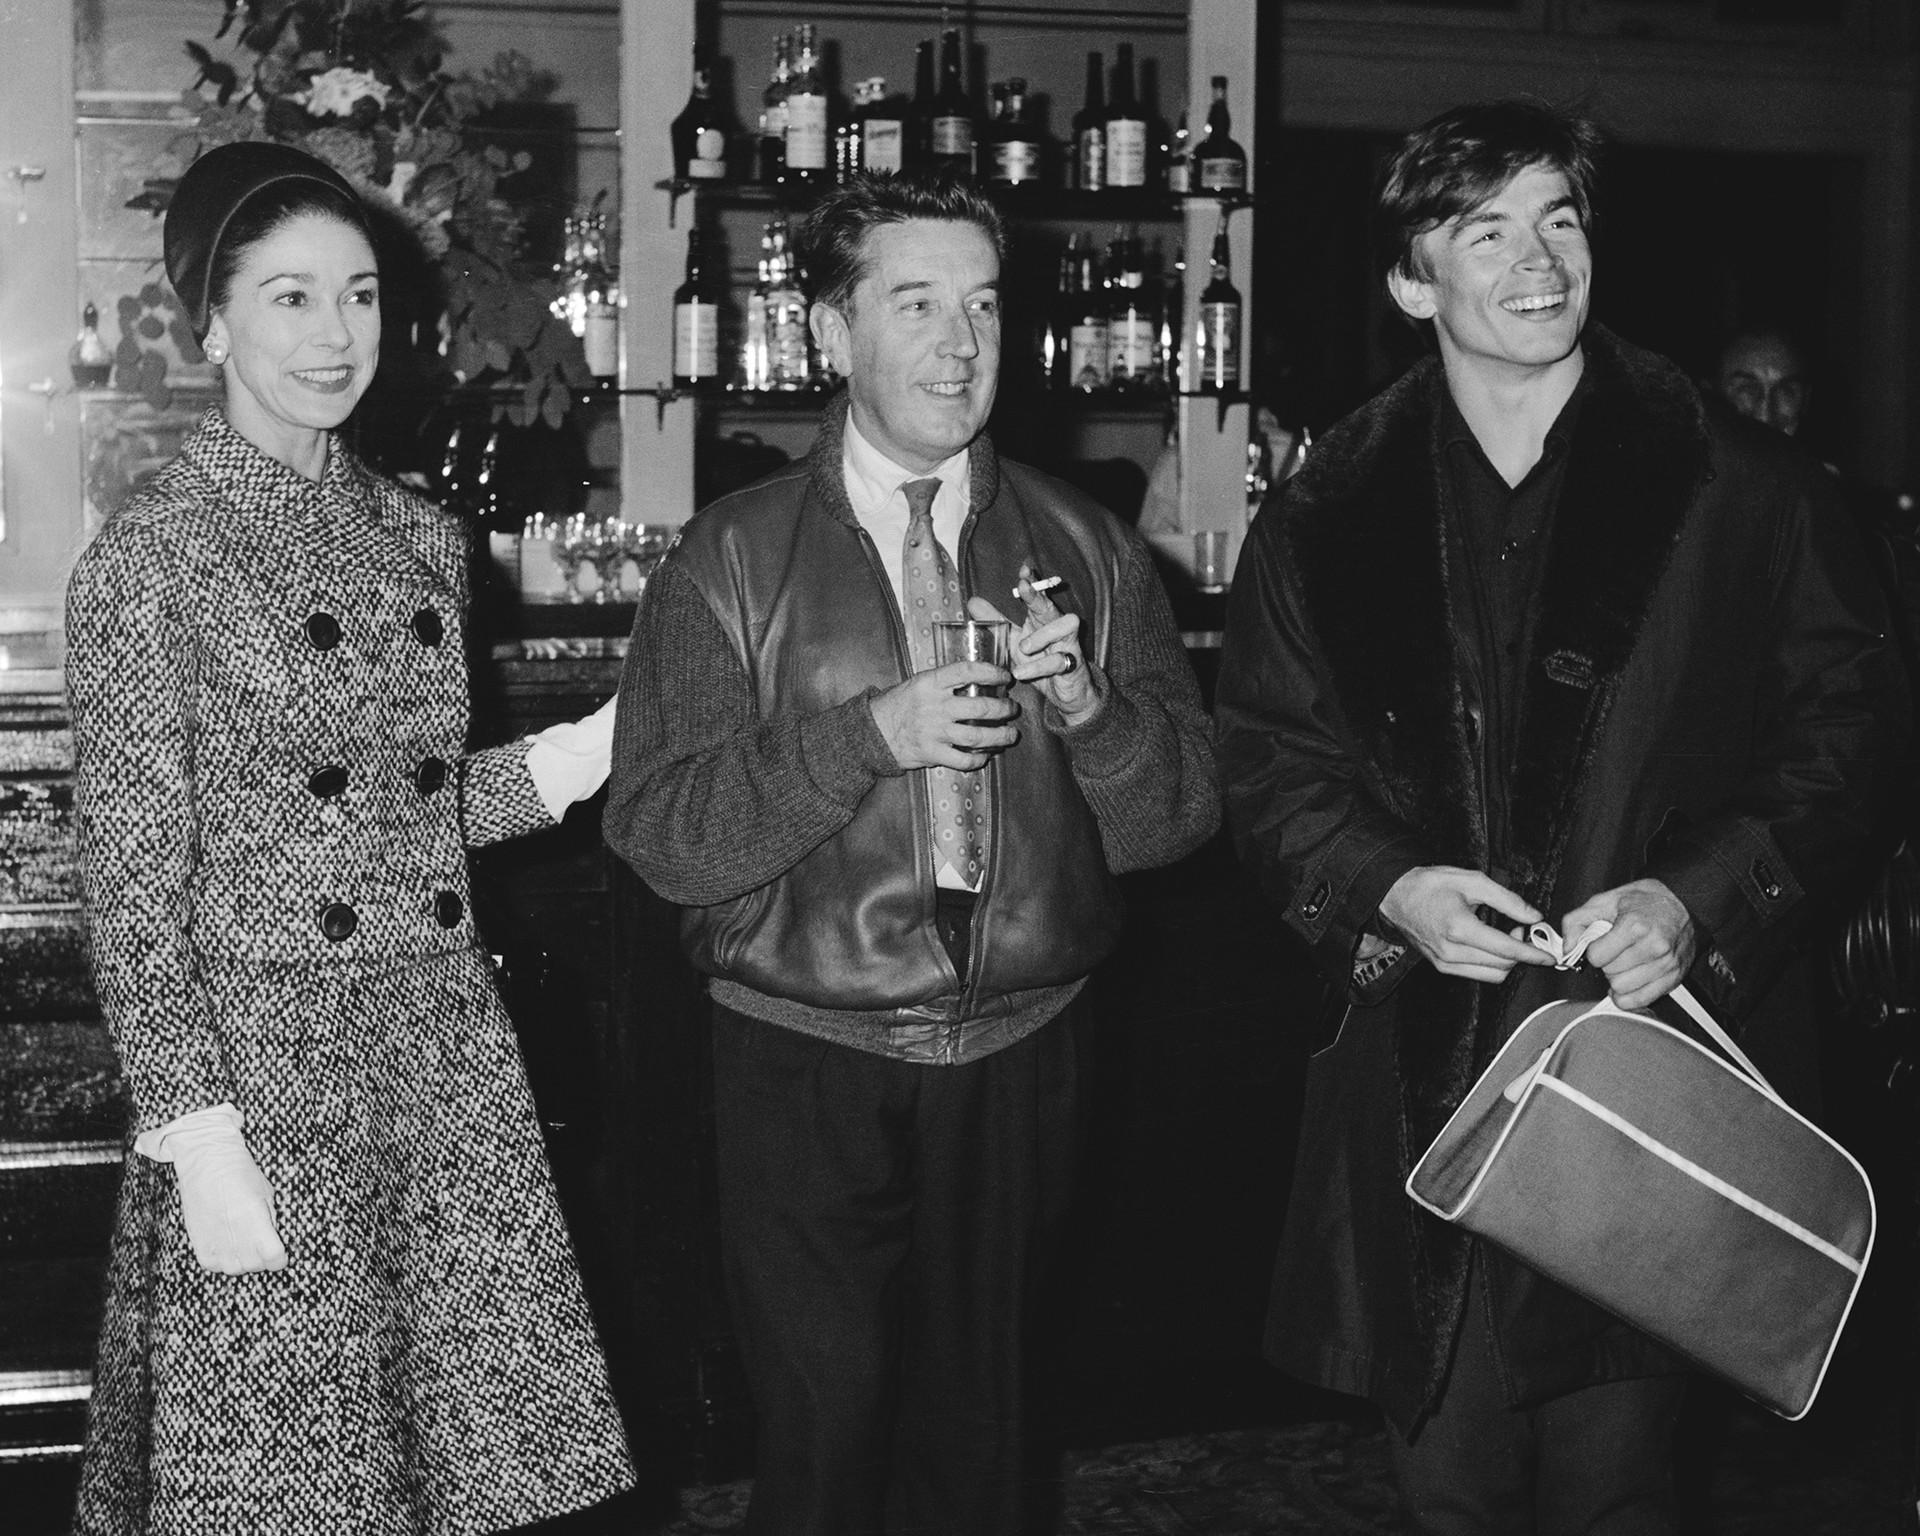 左から右:ダンサー、マーゴ・フォンテイン、フレデリック・アシュトンとルドルフ・ヌレエフ。ロンドン、1961年。